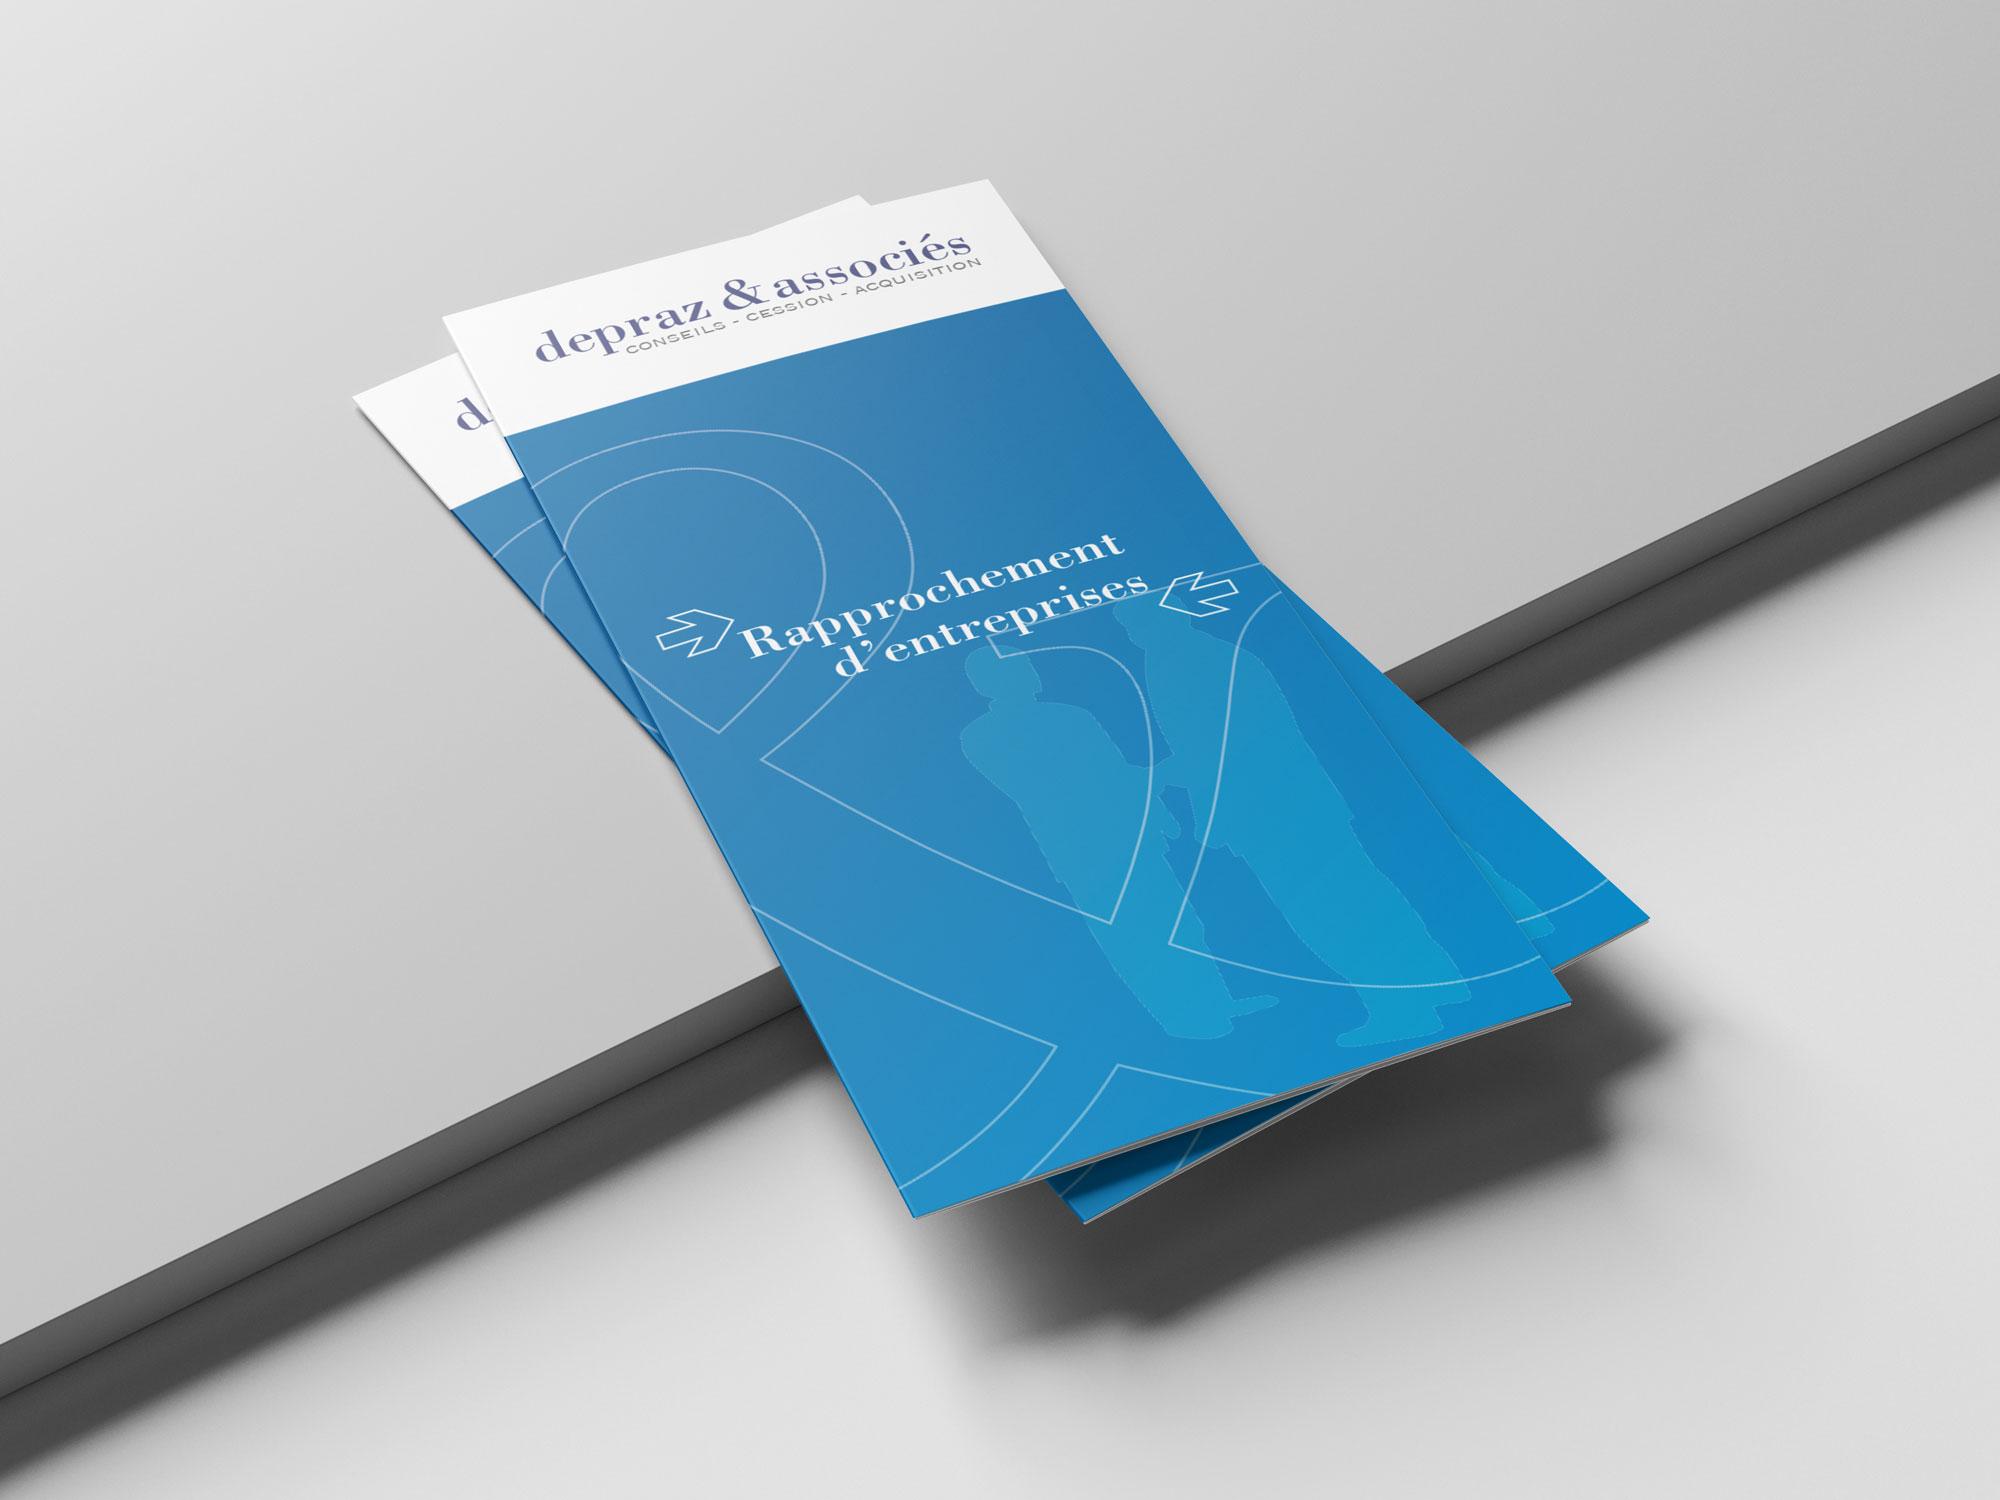 Leaflet Depraz & Associés